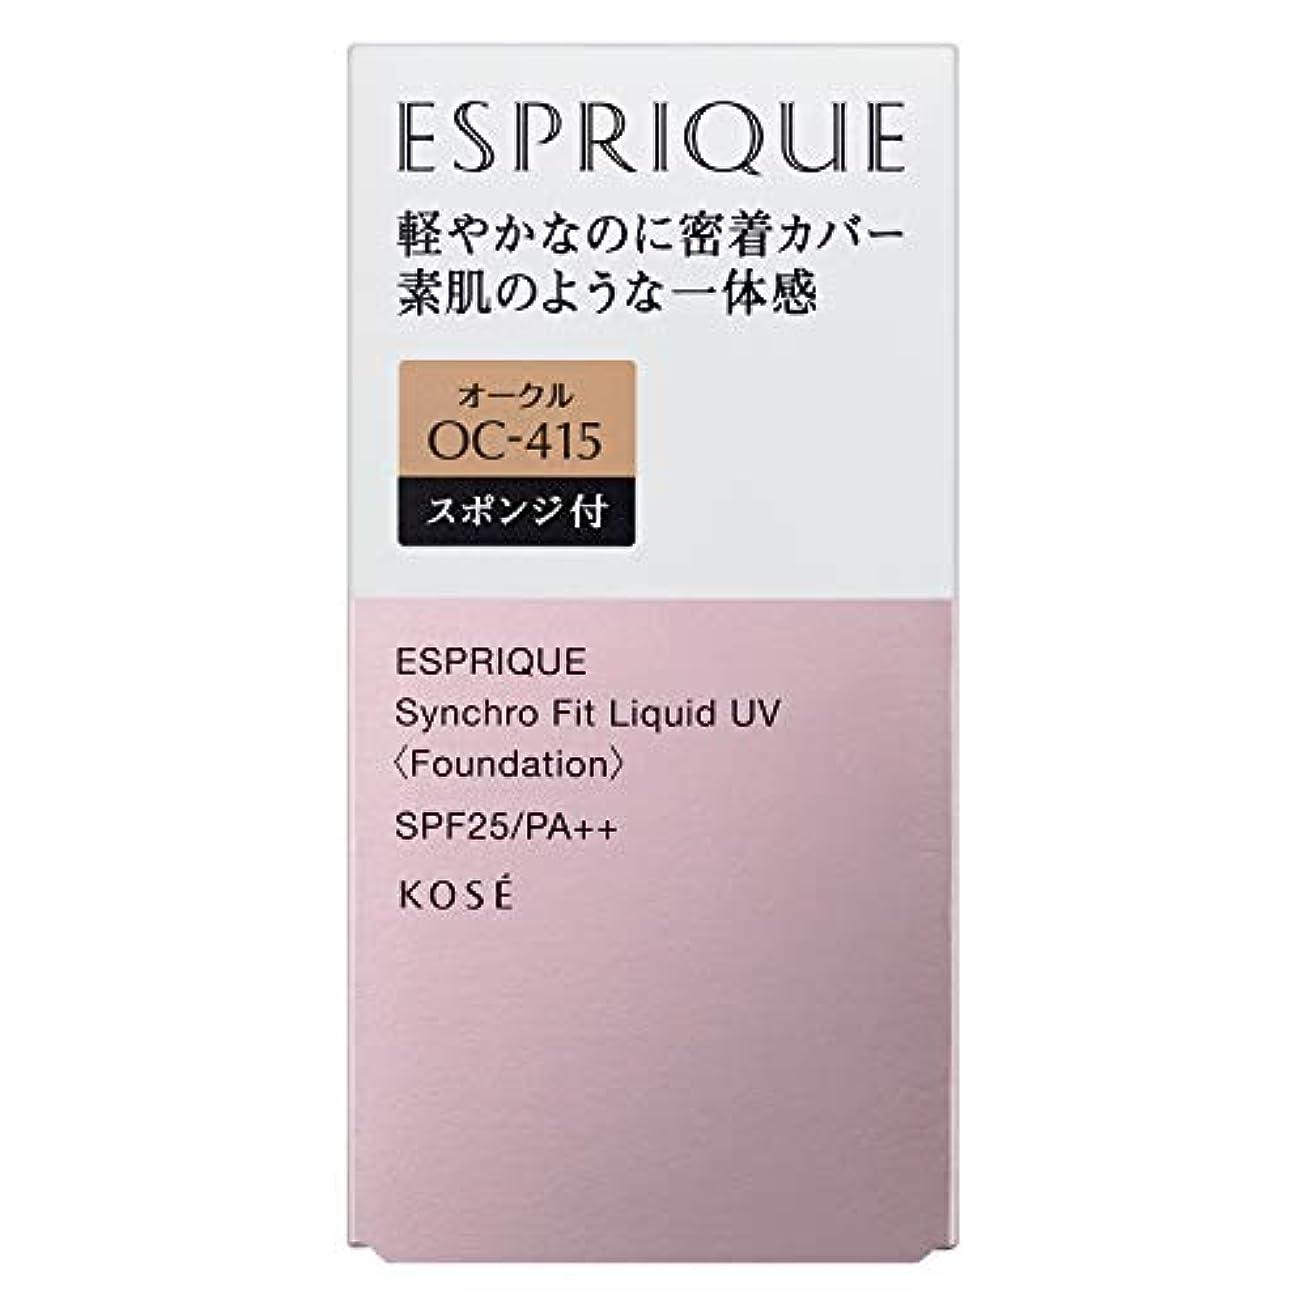 アクセシブル飛行場オーブンESPRIQUE(エスプリーク) エスプリーク シンクロフィット リキッド UV ファンデーション 無香料 OC-415 オークル 30g